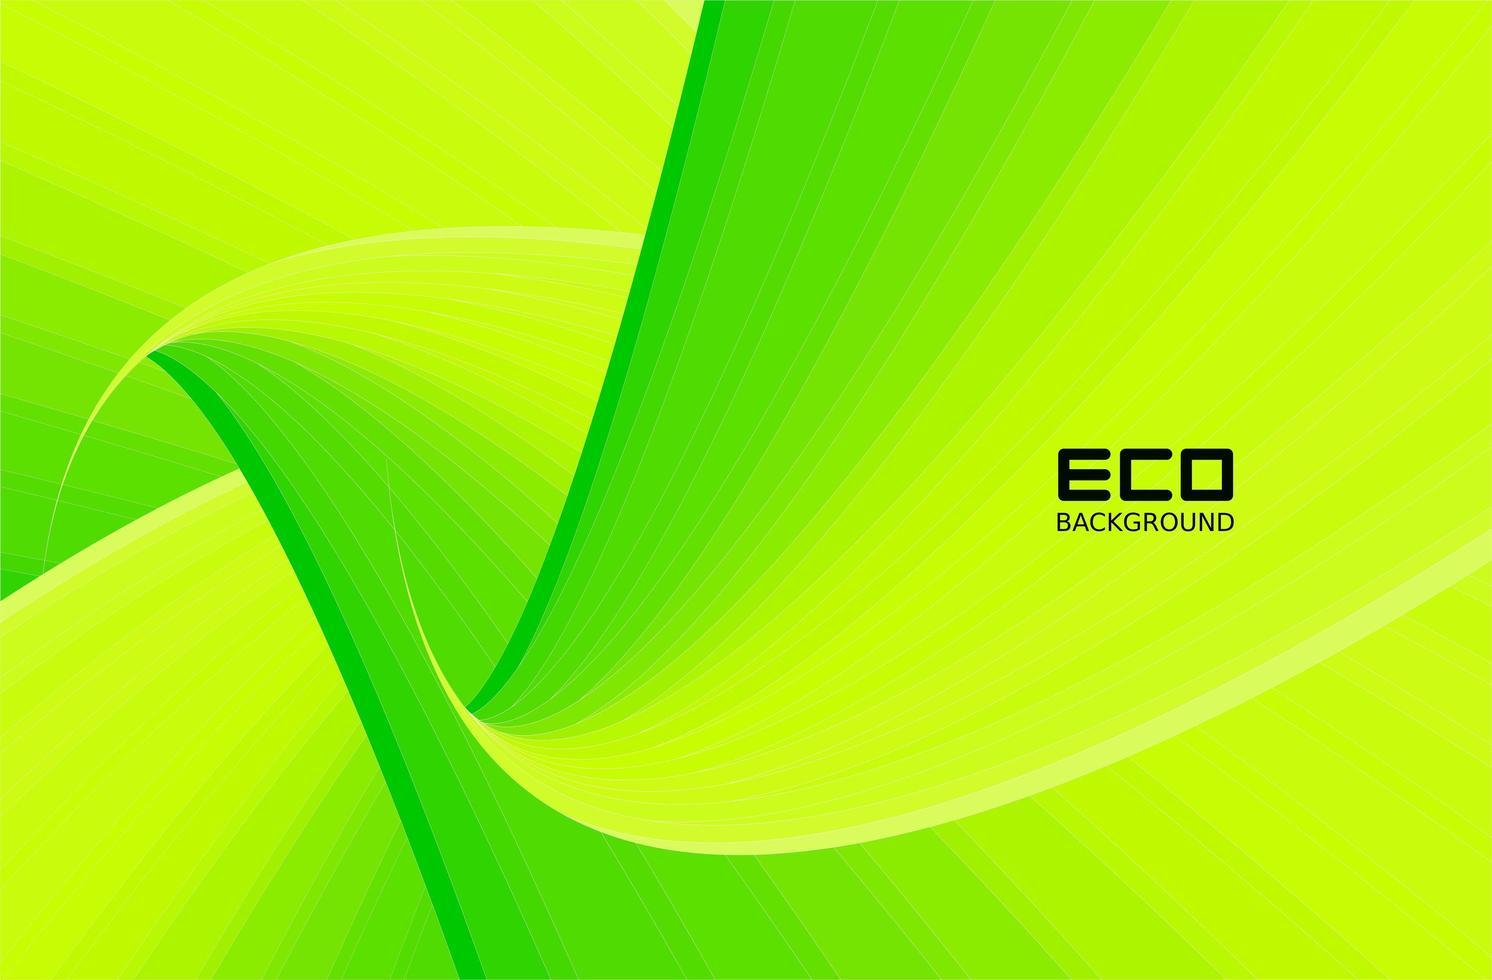 fondos ecológicos verdes con patrones de hojas vector